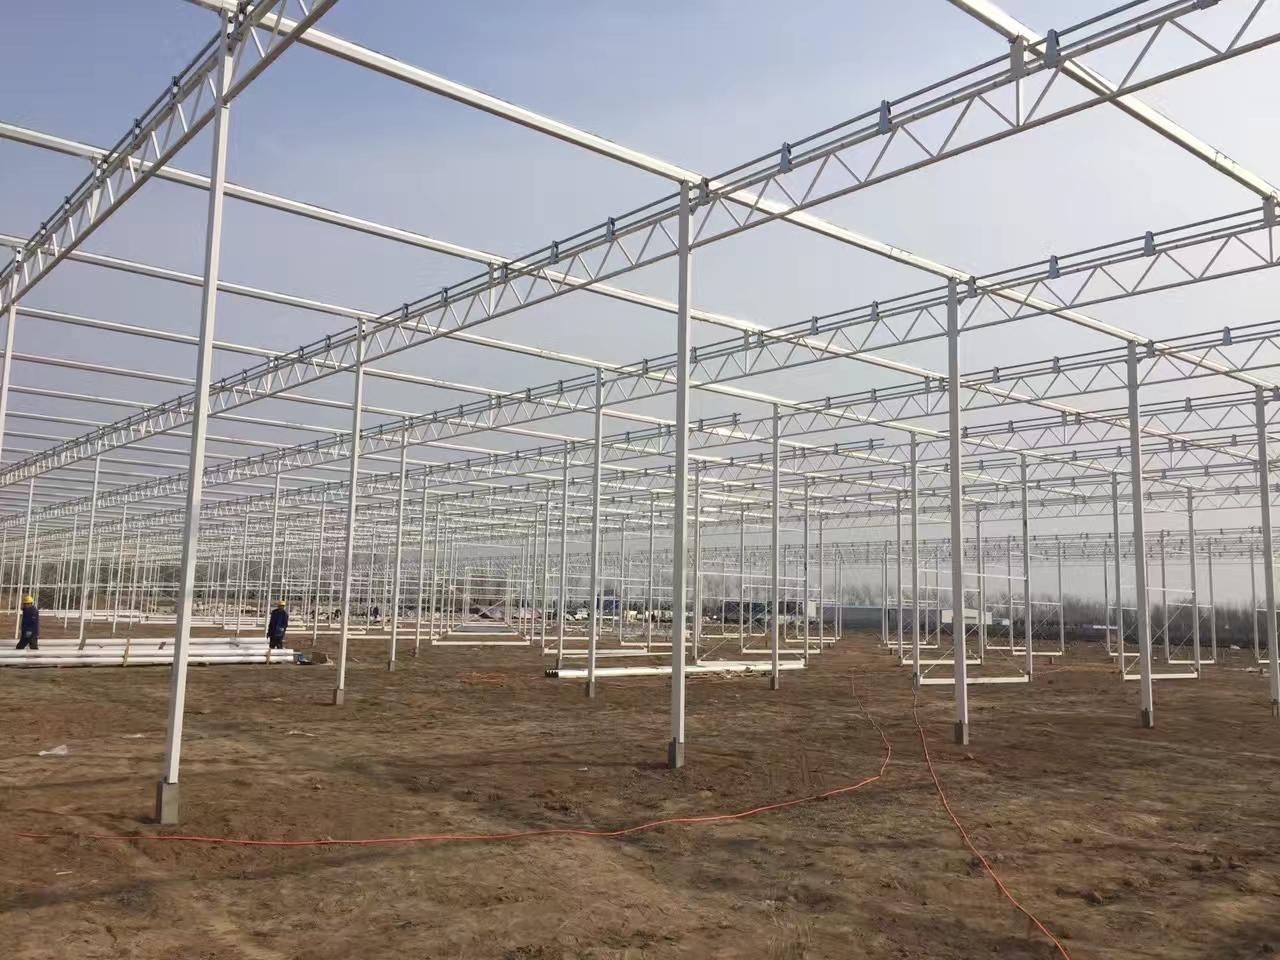 玻璃温室大棚提高抗雪能力的几个重要点、建造智能温室可参考